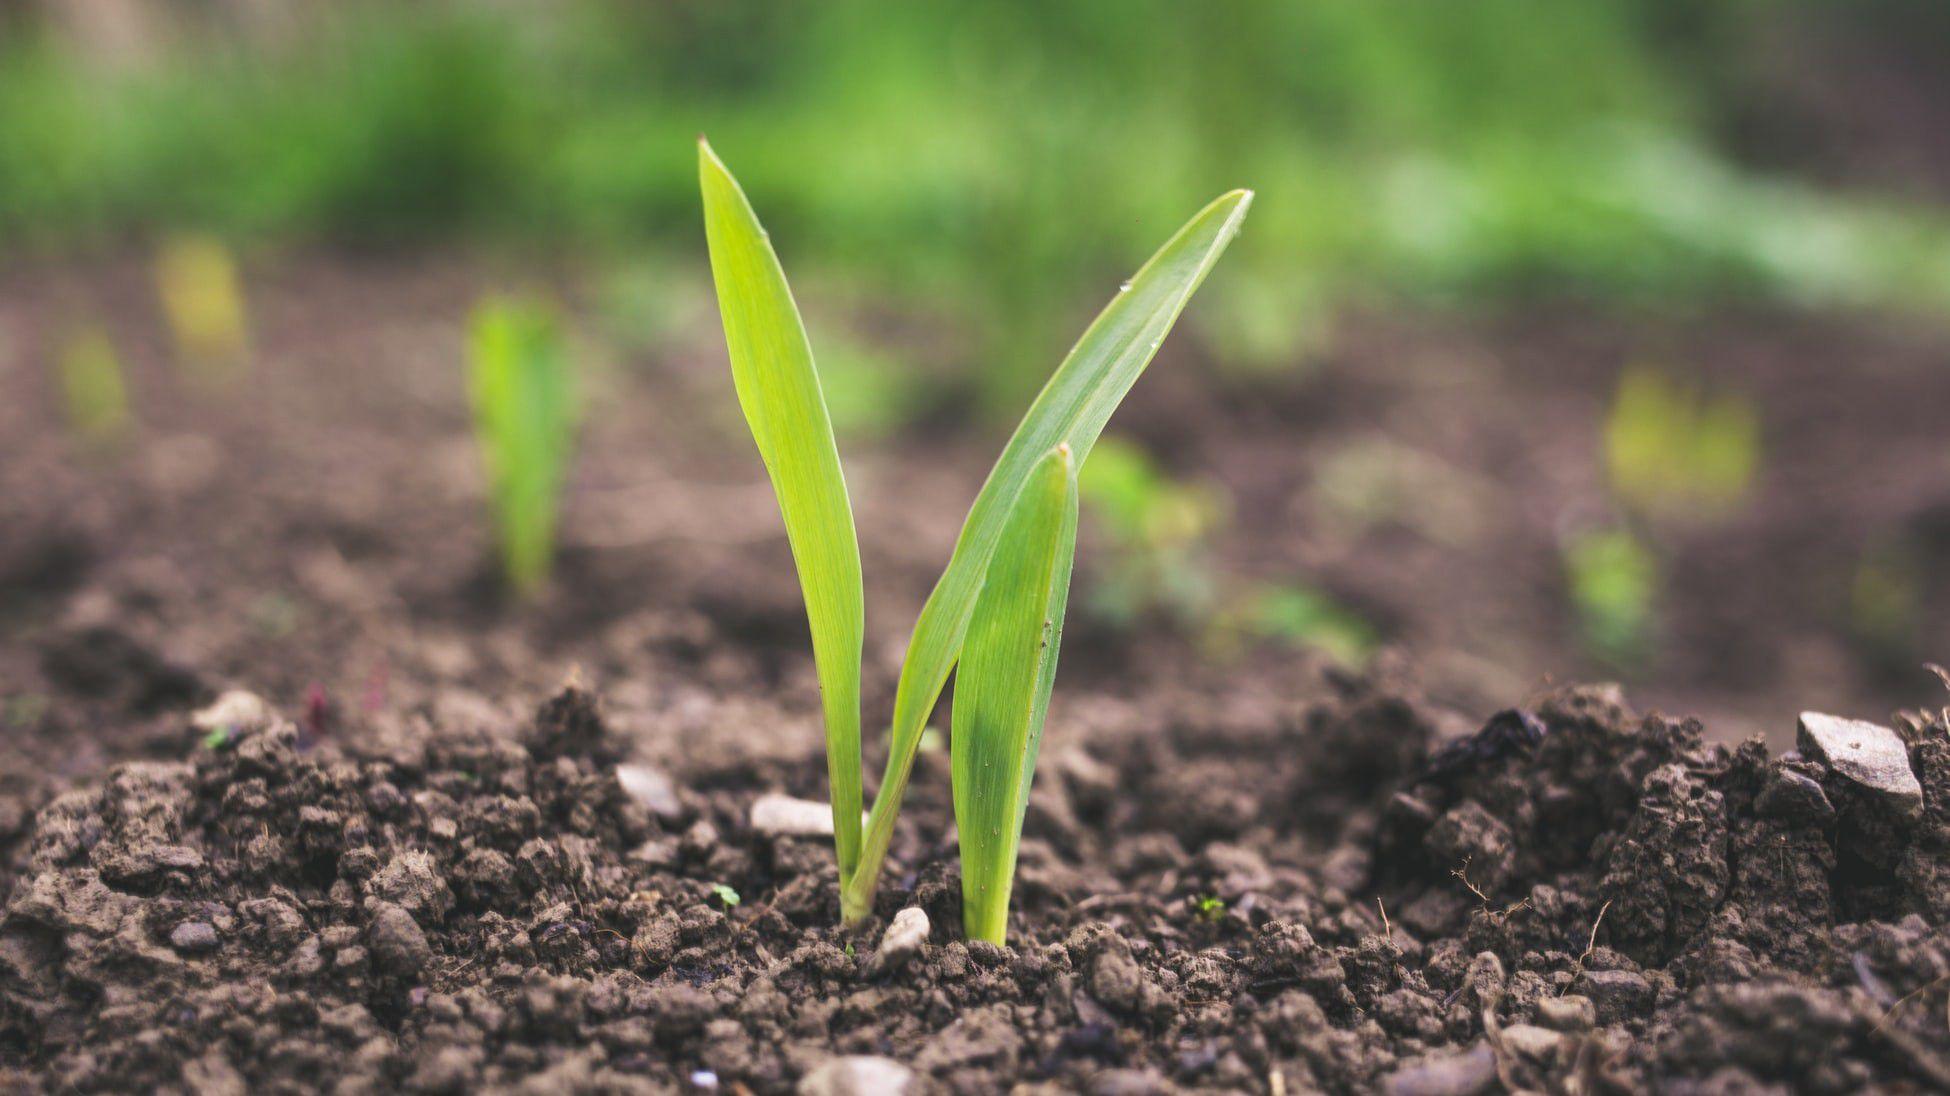 Bitkilerde Epigenetik Aktarım: Bitkilerdeki Kimyasal Hafıza, Sonraki Nesillerin Hayatta Kalma Şansını Etkiliyor!